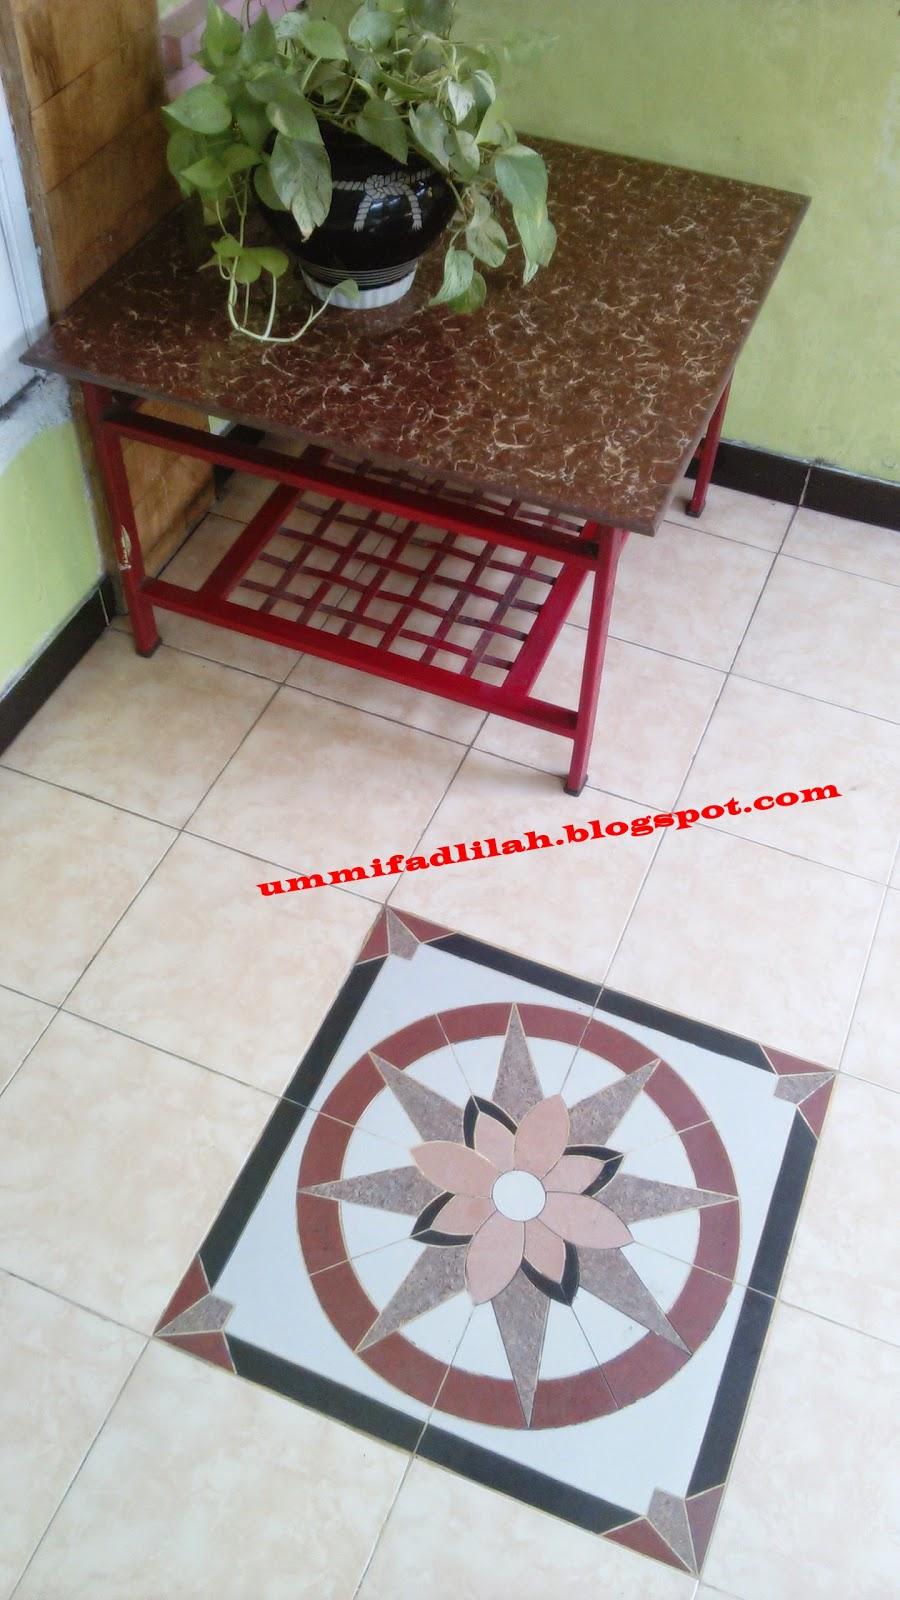 Mandiri Granite Tile Harga Murah, Kualitas Super.